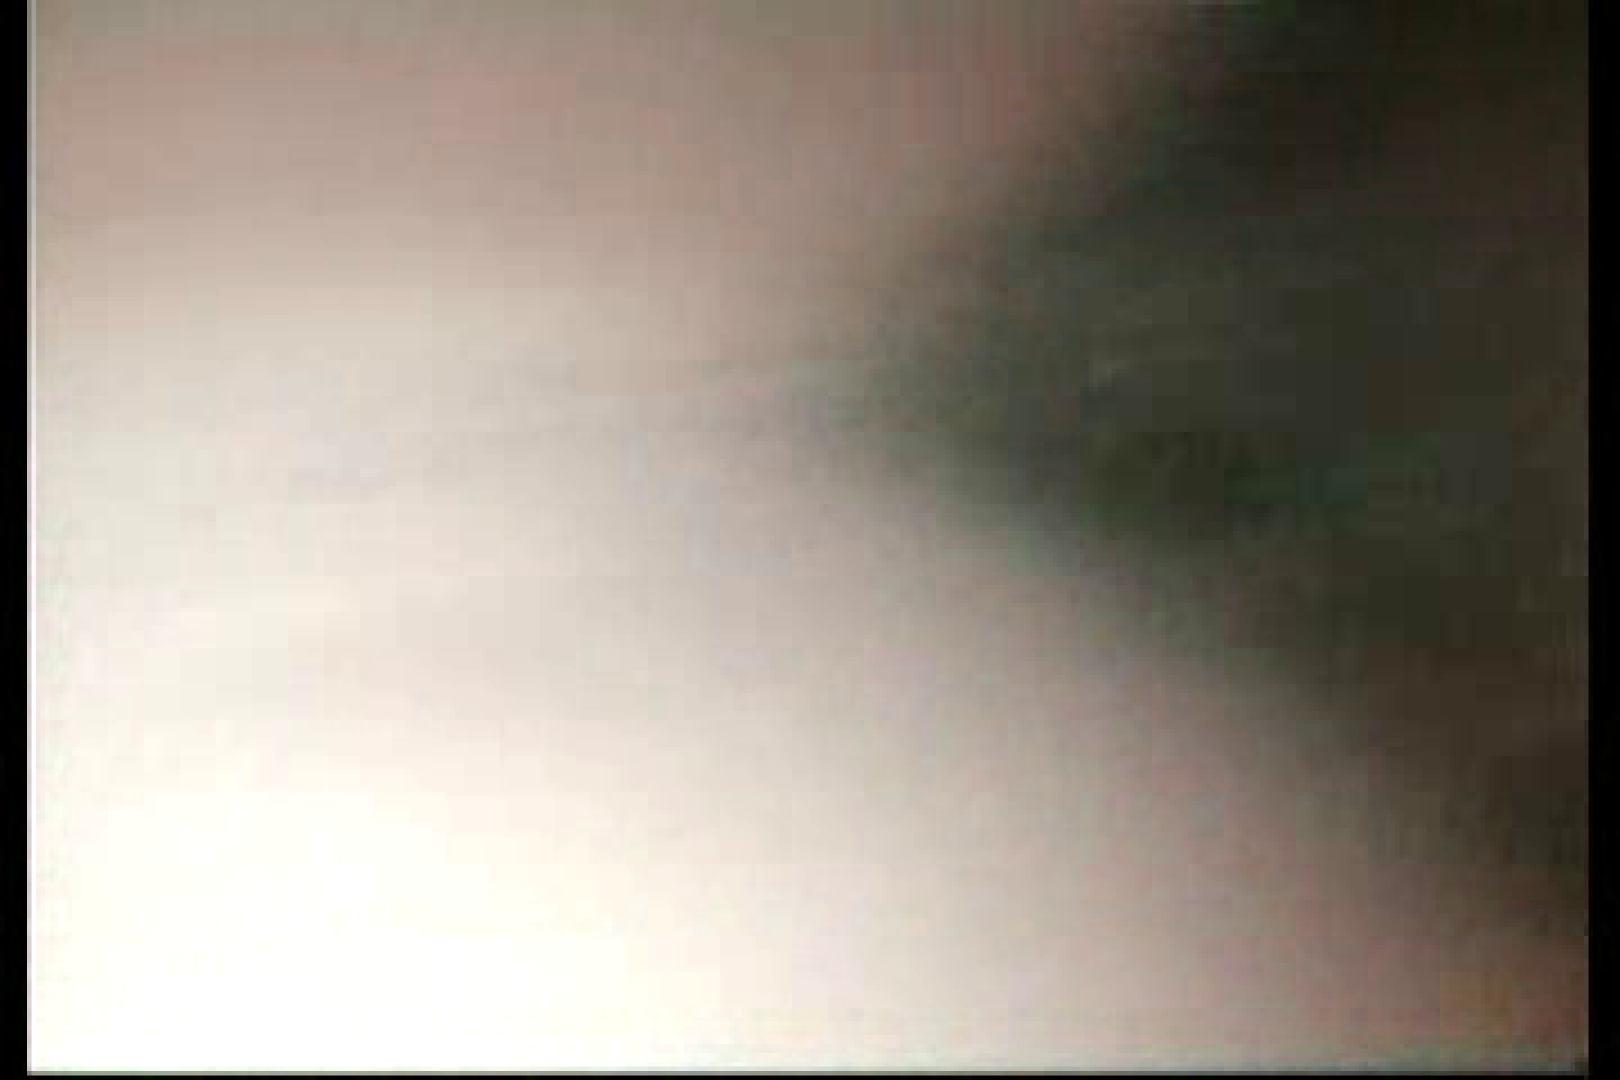 【流出自画撮】とにかく凄いぜ!!ケツまんFighters!! Vol.08 流出 ゲイ流出動画キャプチャ 104枚 22